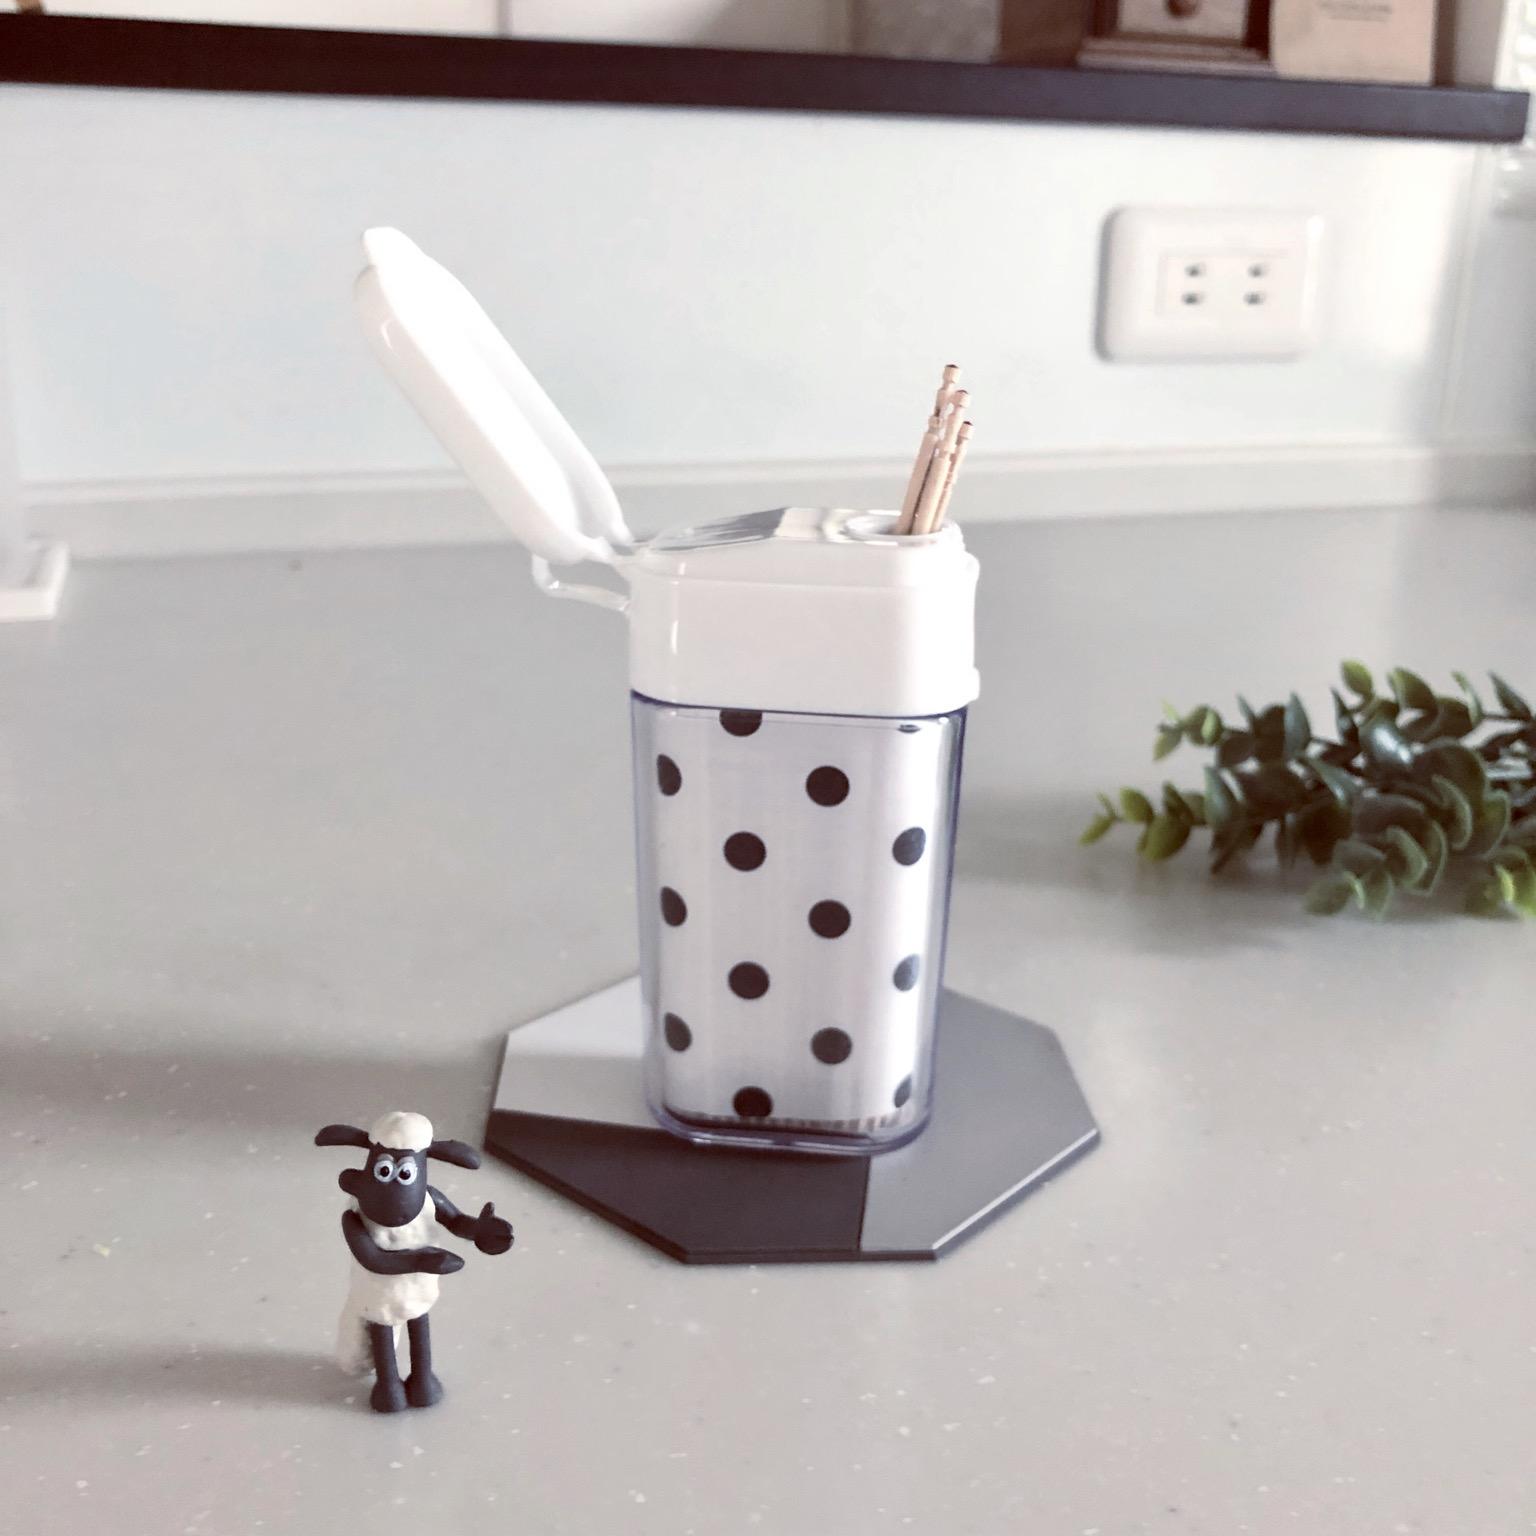 「紙を入れるだけ!食卓映えする◎つまようじケースの作り方」 by Mamiyさん